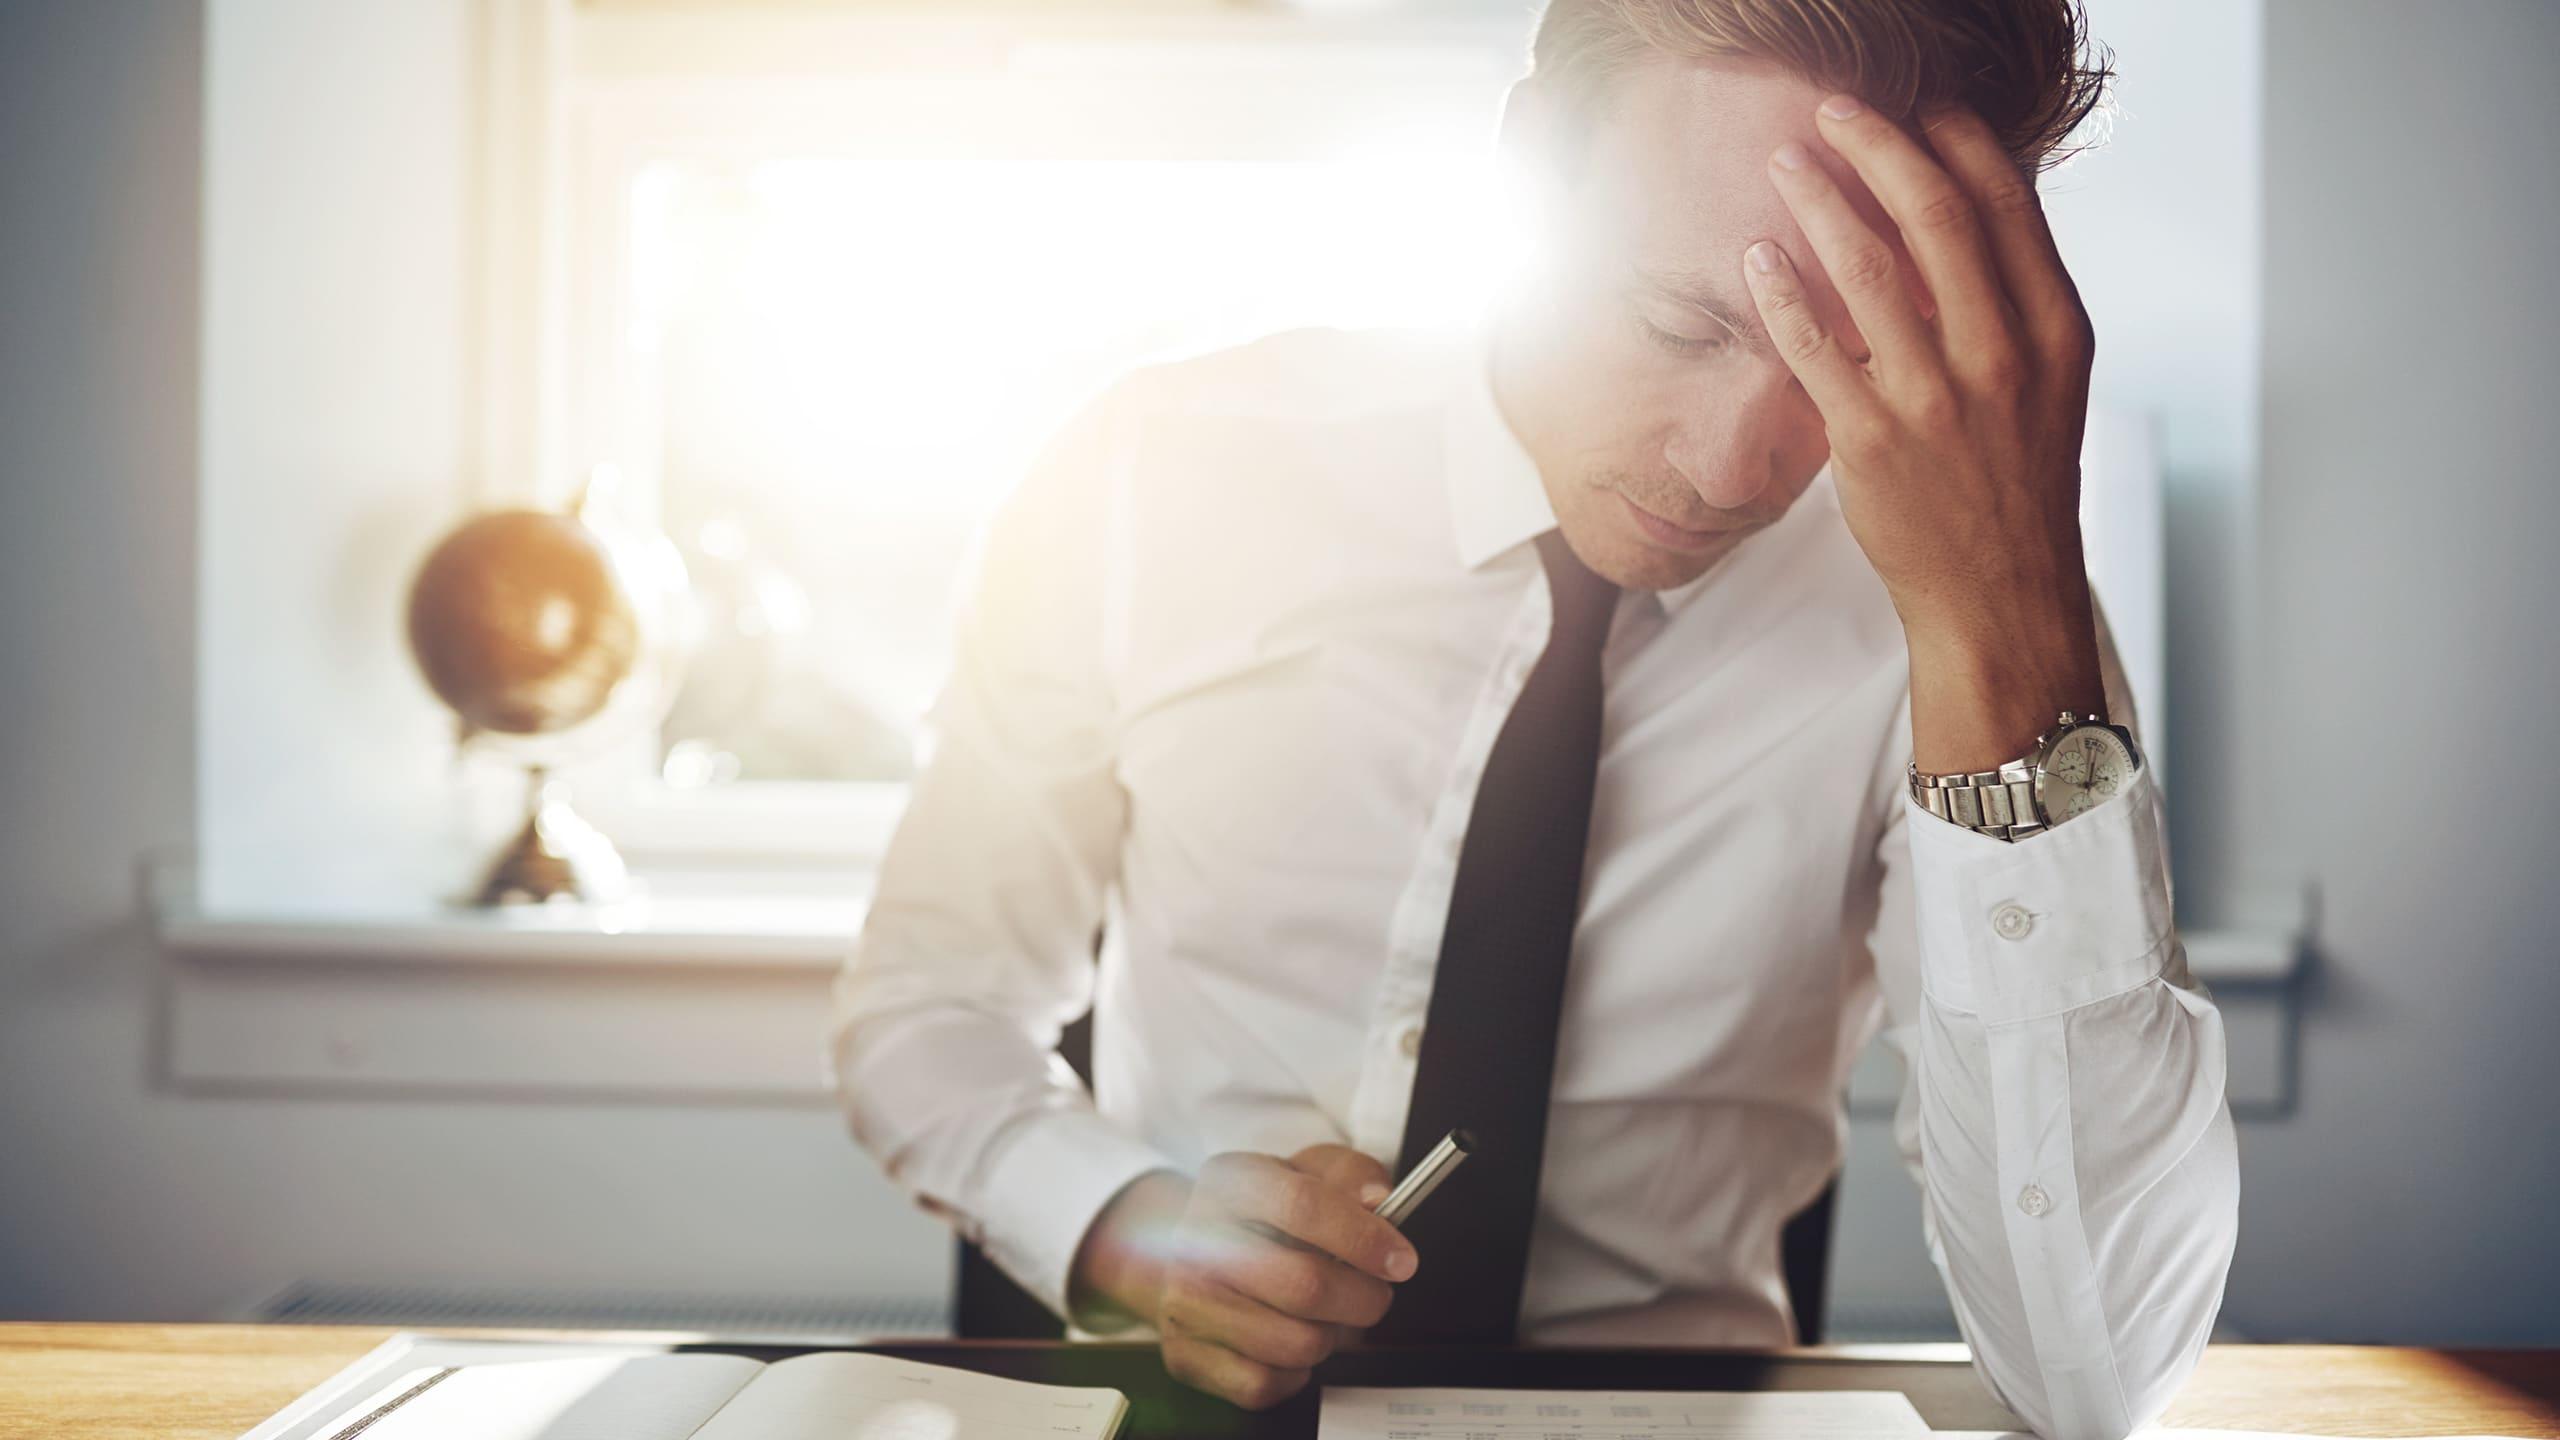 Bild zeigt einen Unternehmer dem am Schreibtisch sitzt und nachdenkt ob er die Corona Hilfe zurückzahlen sollte